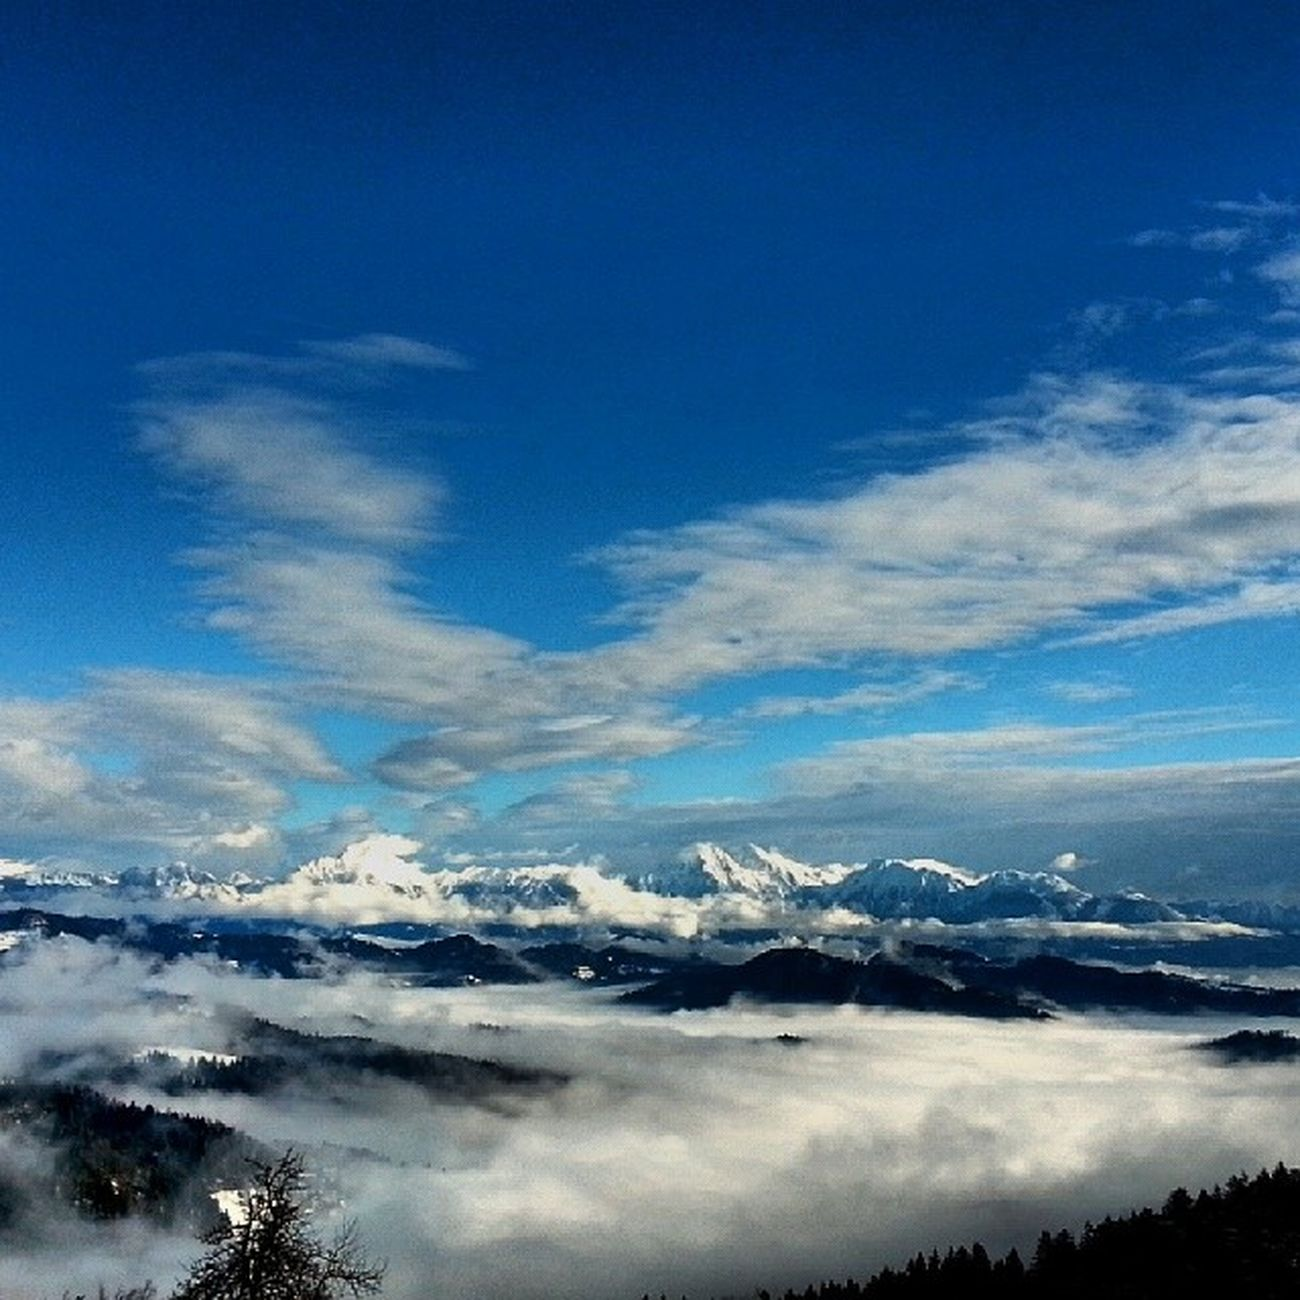 Slovenia Ski Stari_vrh Landscape winter snow